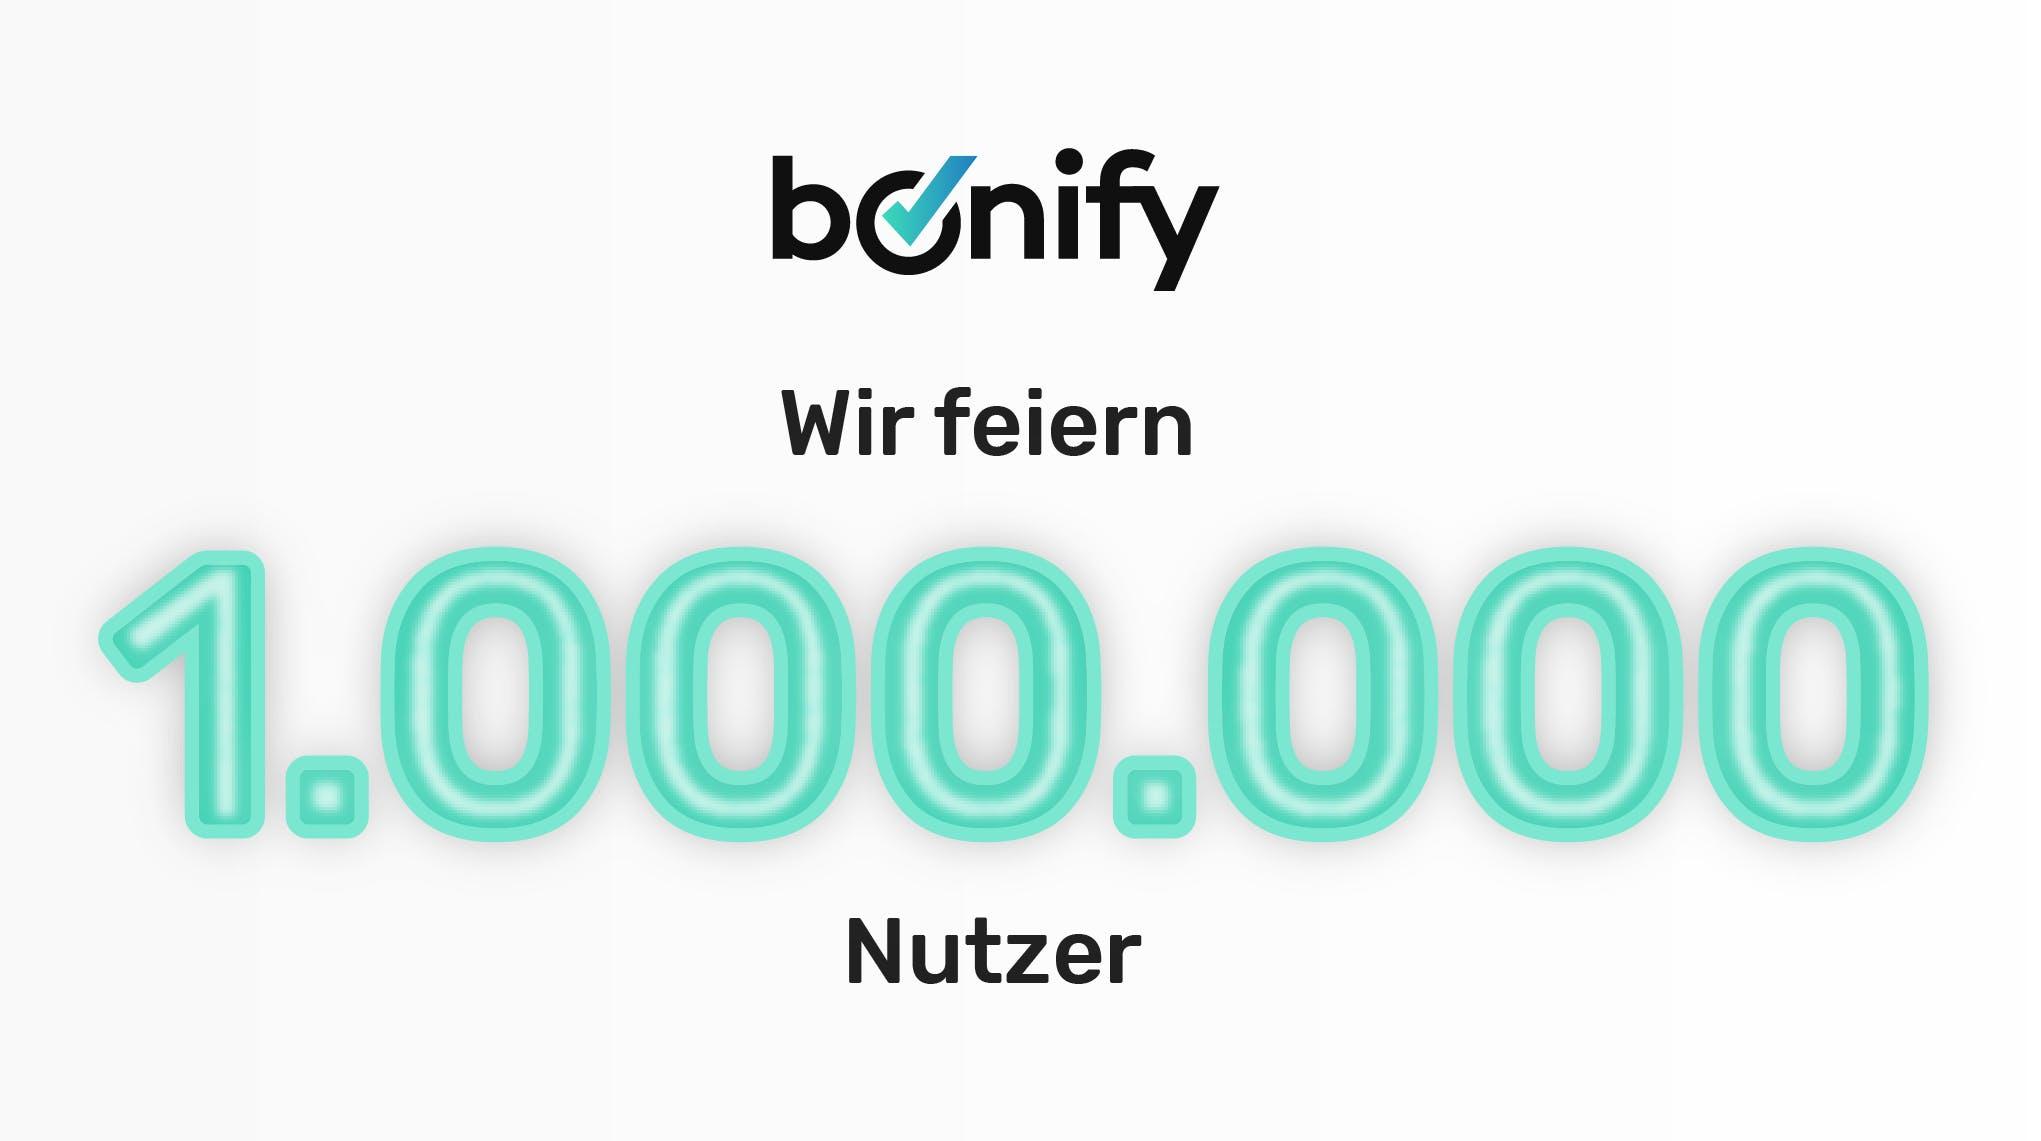 bonify feiert 1 Million Nutzer - Titel